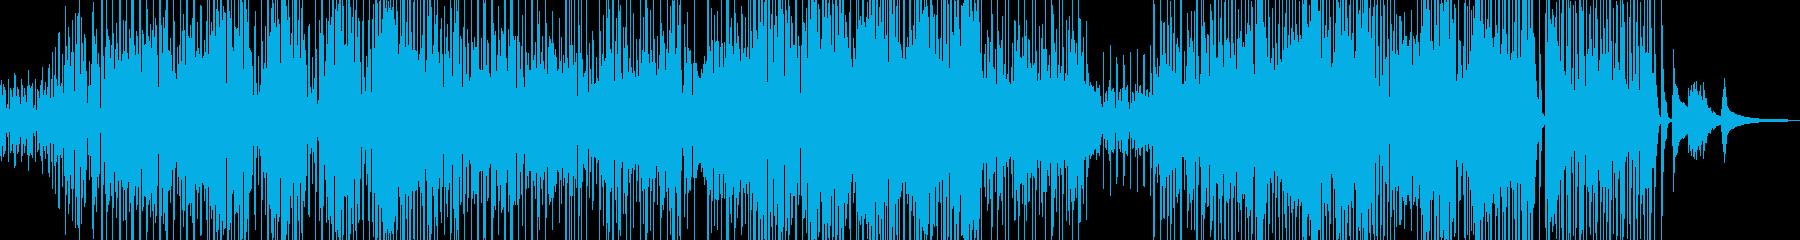 コミカルでユーモラスなジャズ+サックスの再生済みの波形